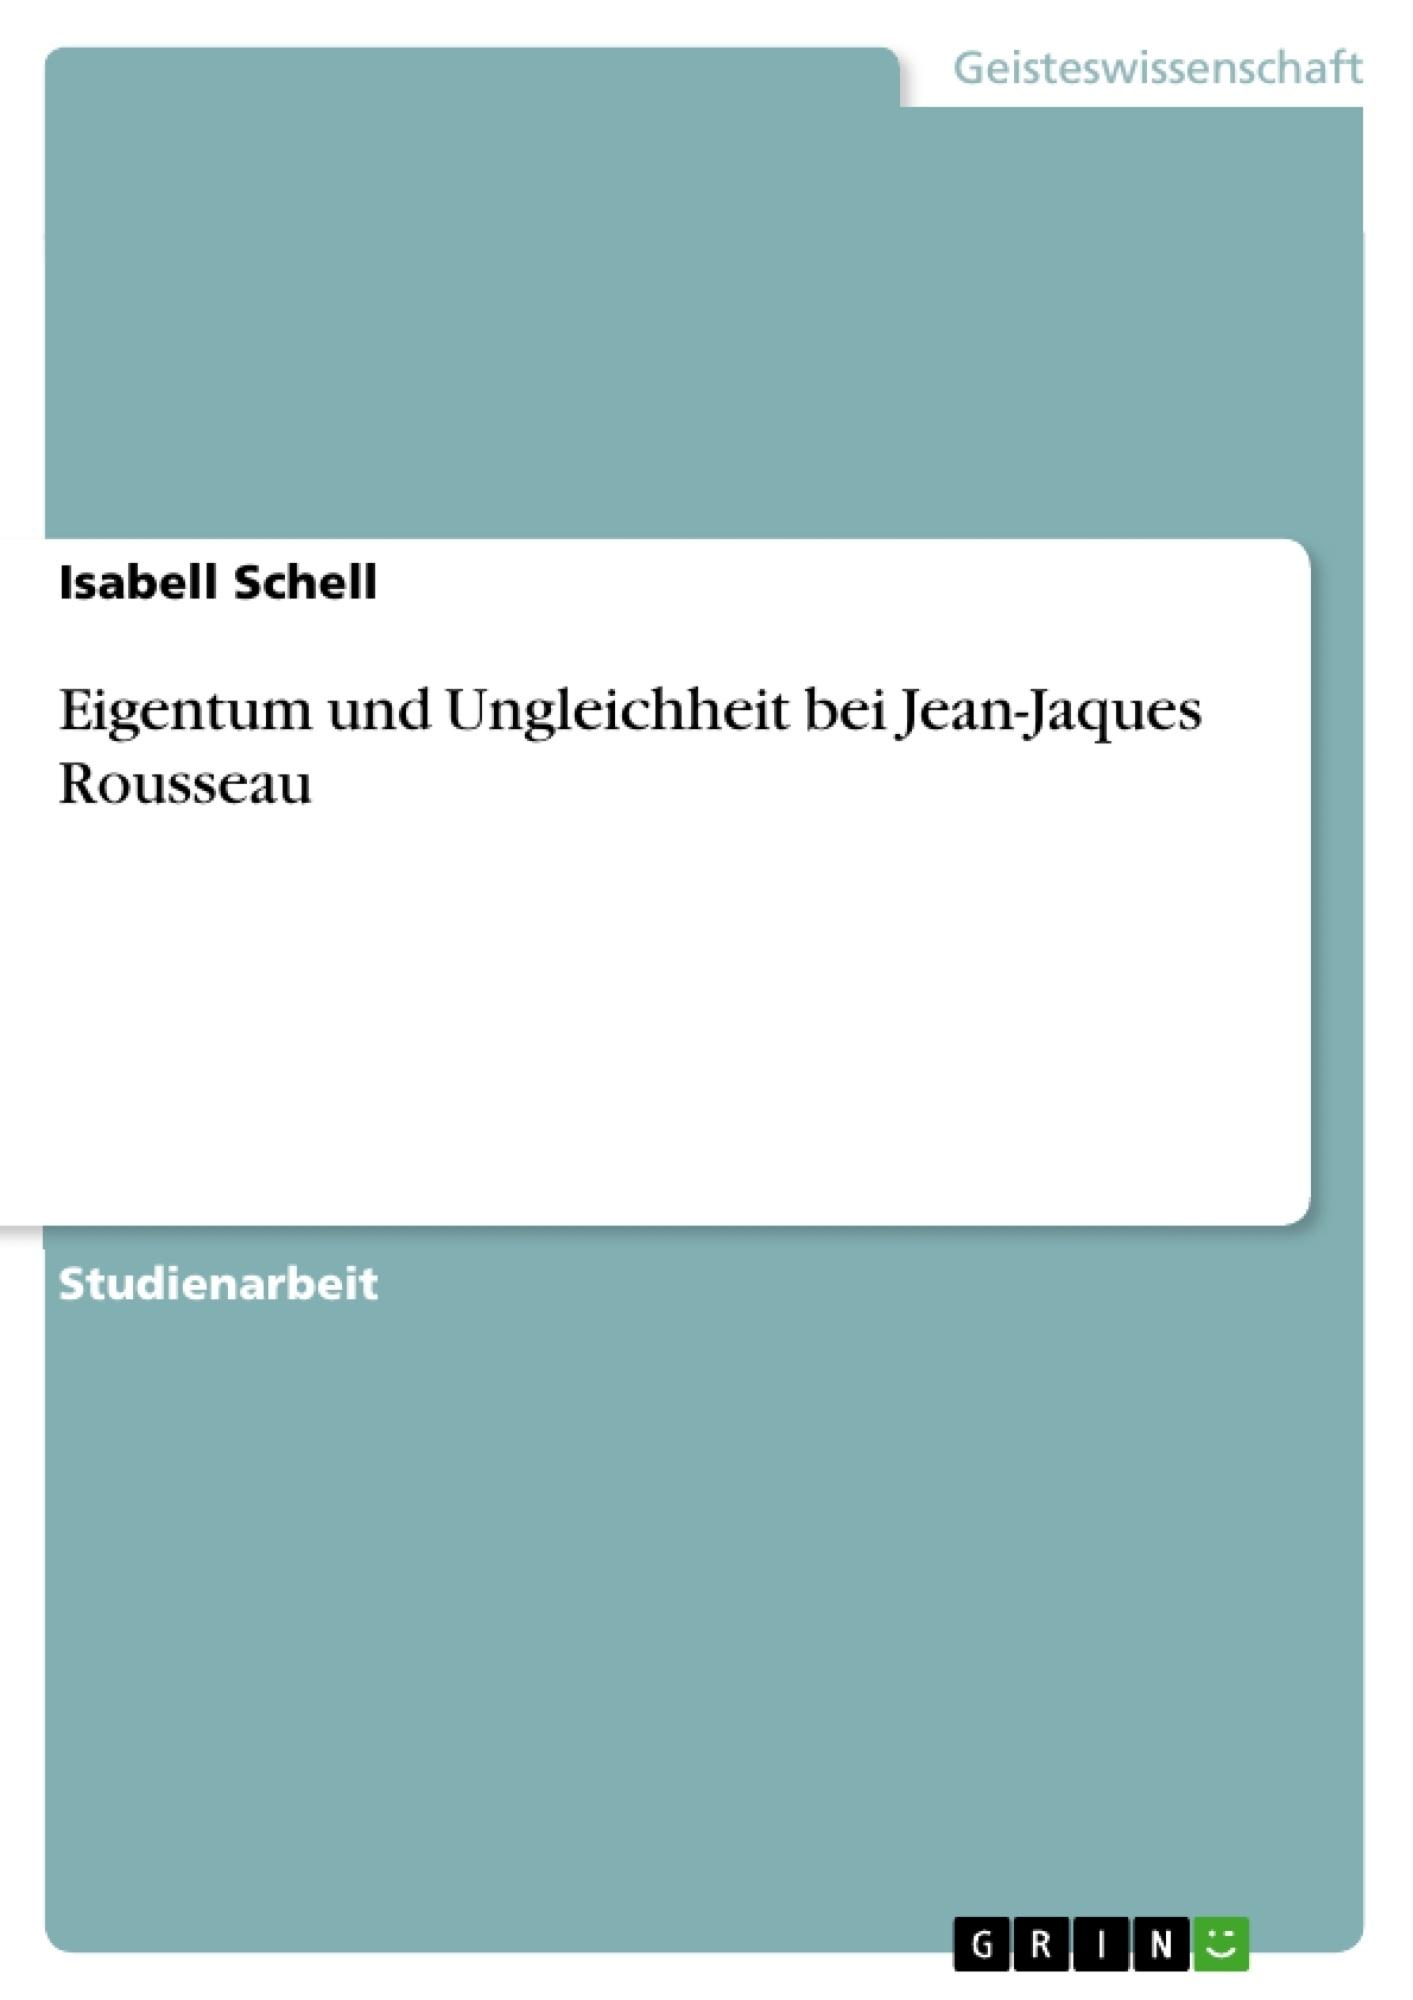 Titel: Eigentum und Ungleichheit bei Jean-Jaques Rousseau